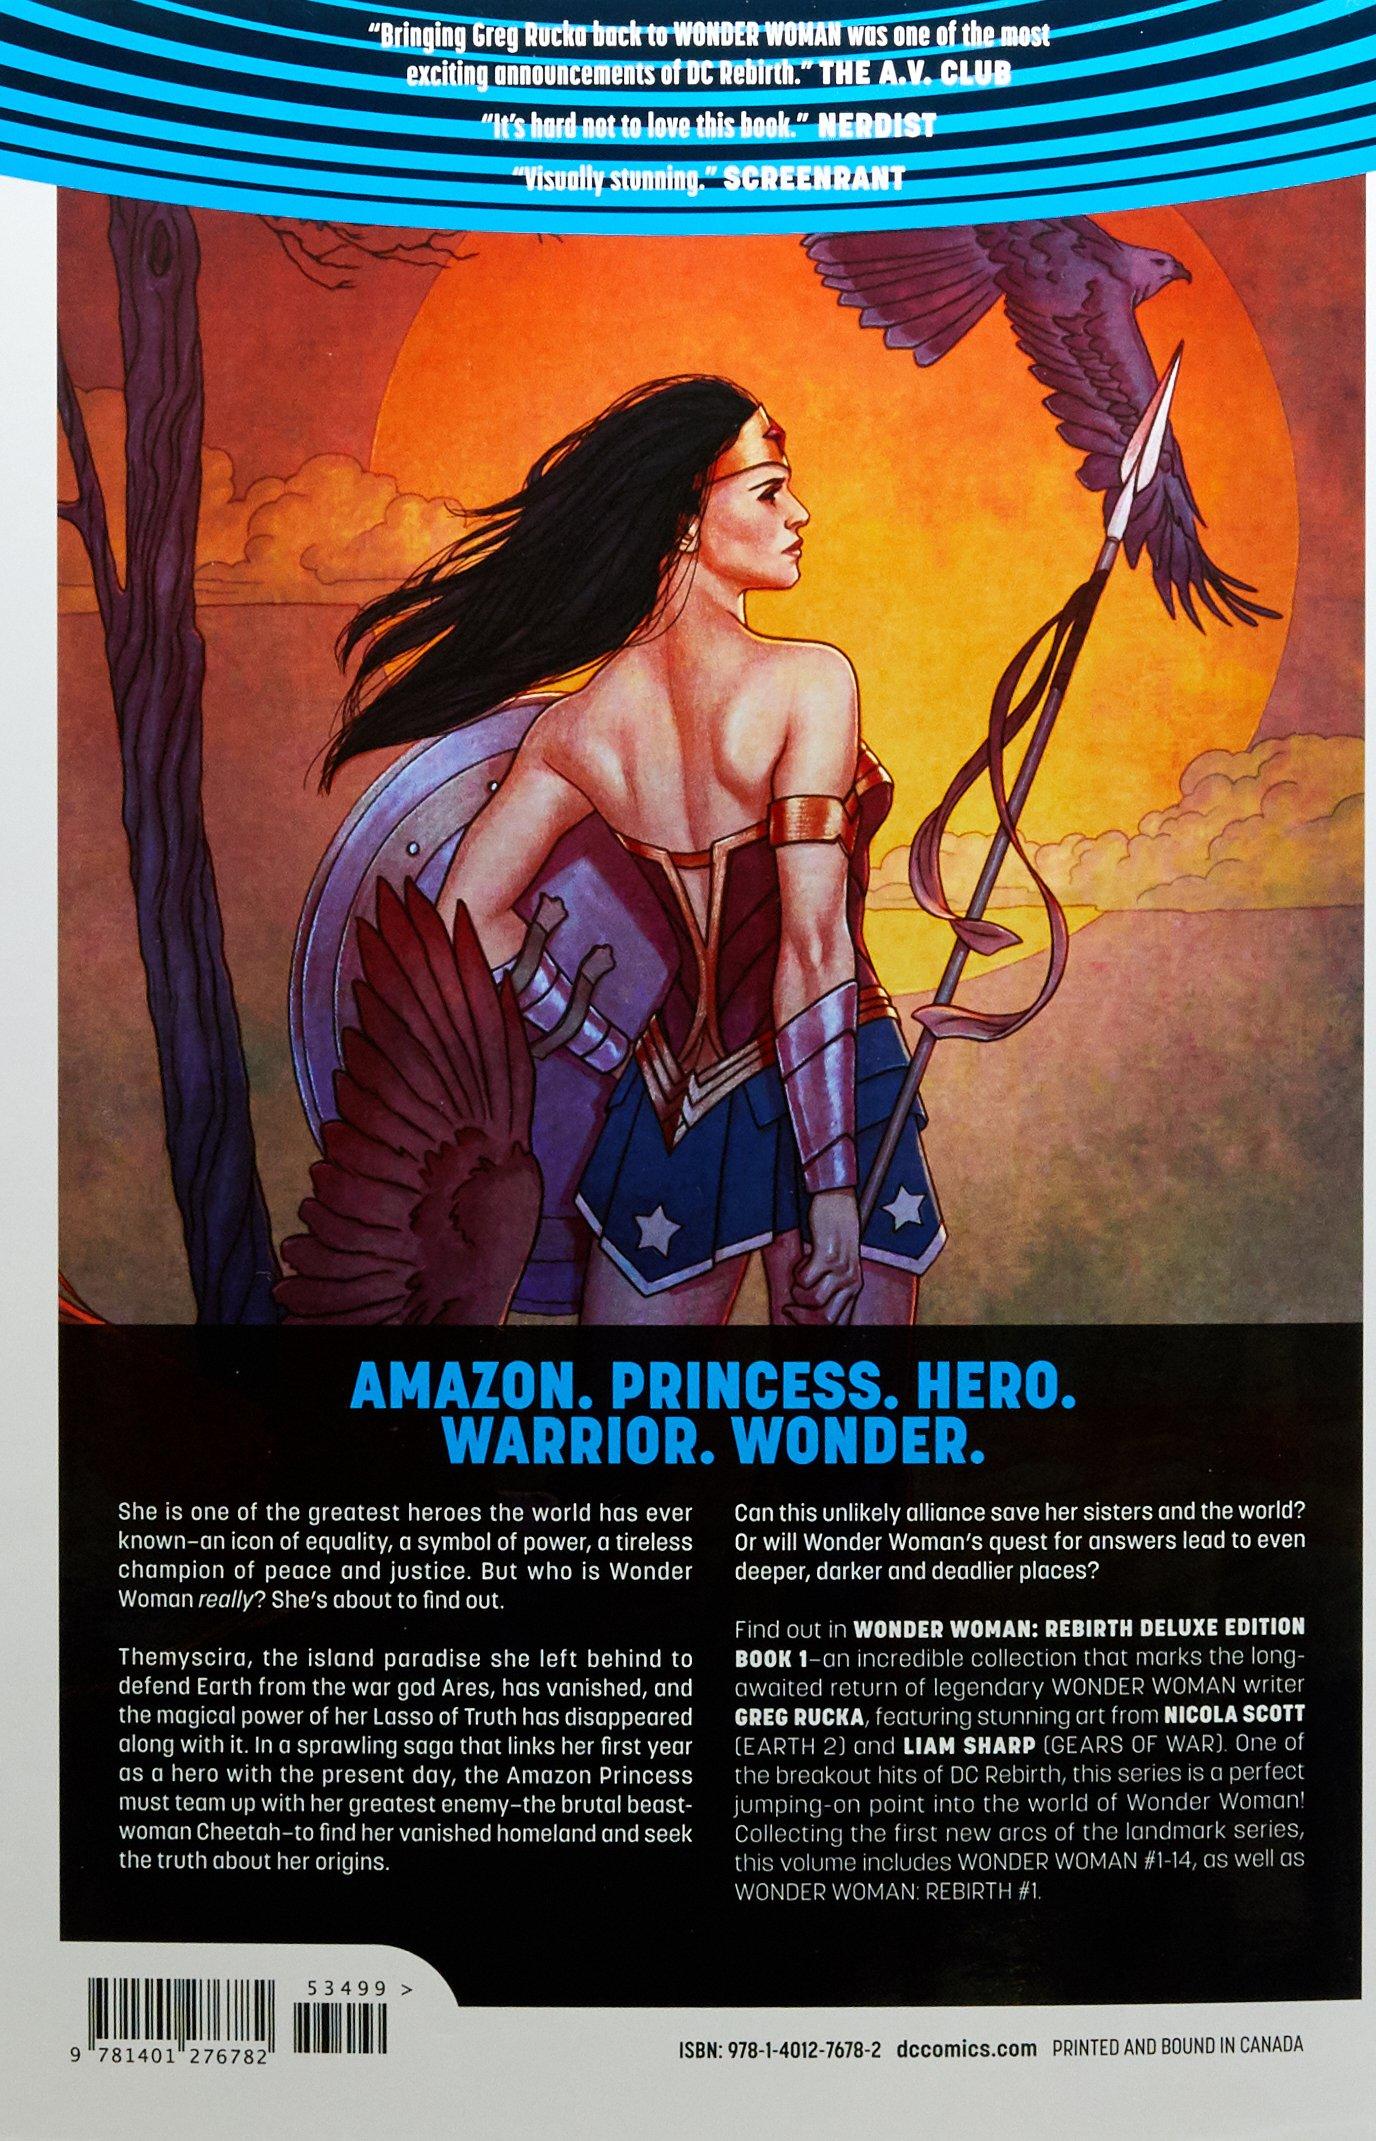 Amazon com: Wonder Woman: The Rebirth Deluxe Edition Book 1